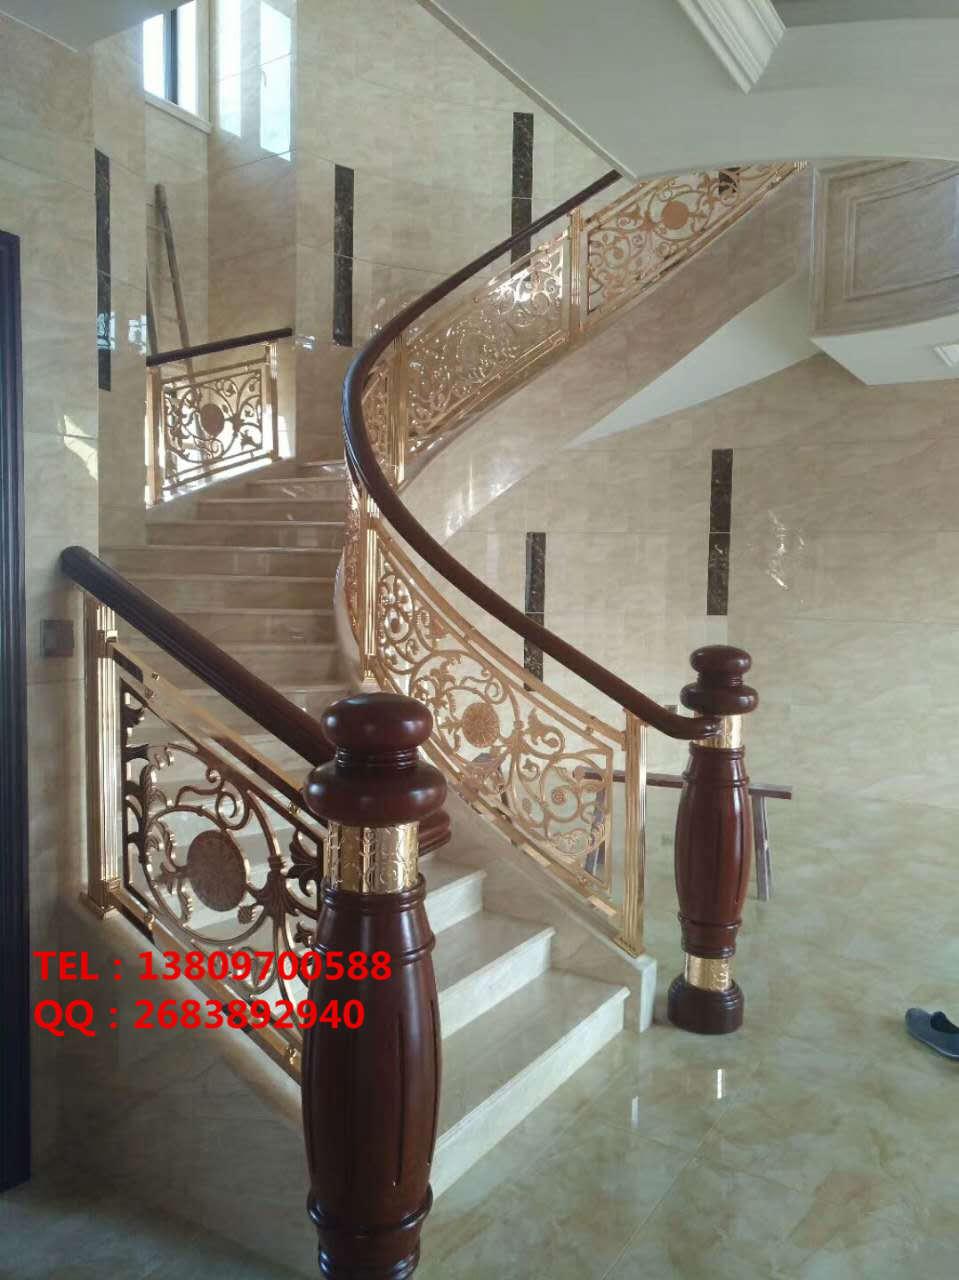 旋转楼梯欧式玫瑰金铝艺镂空雕刻楼梯护栏